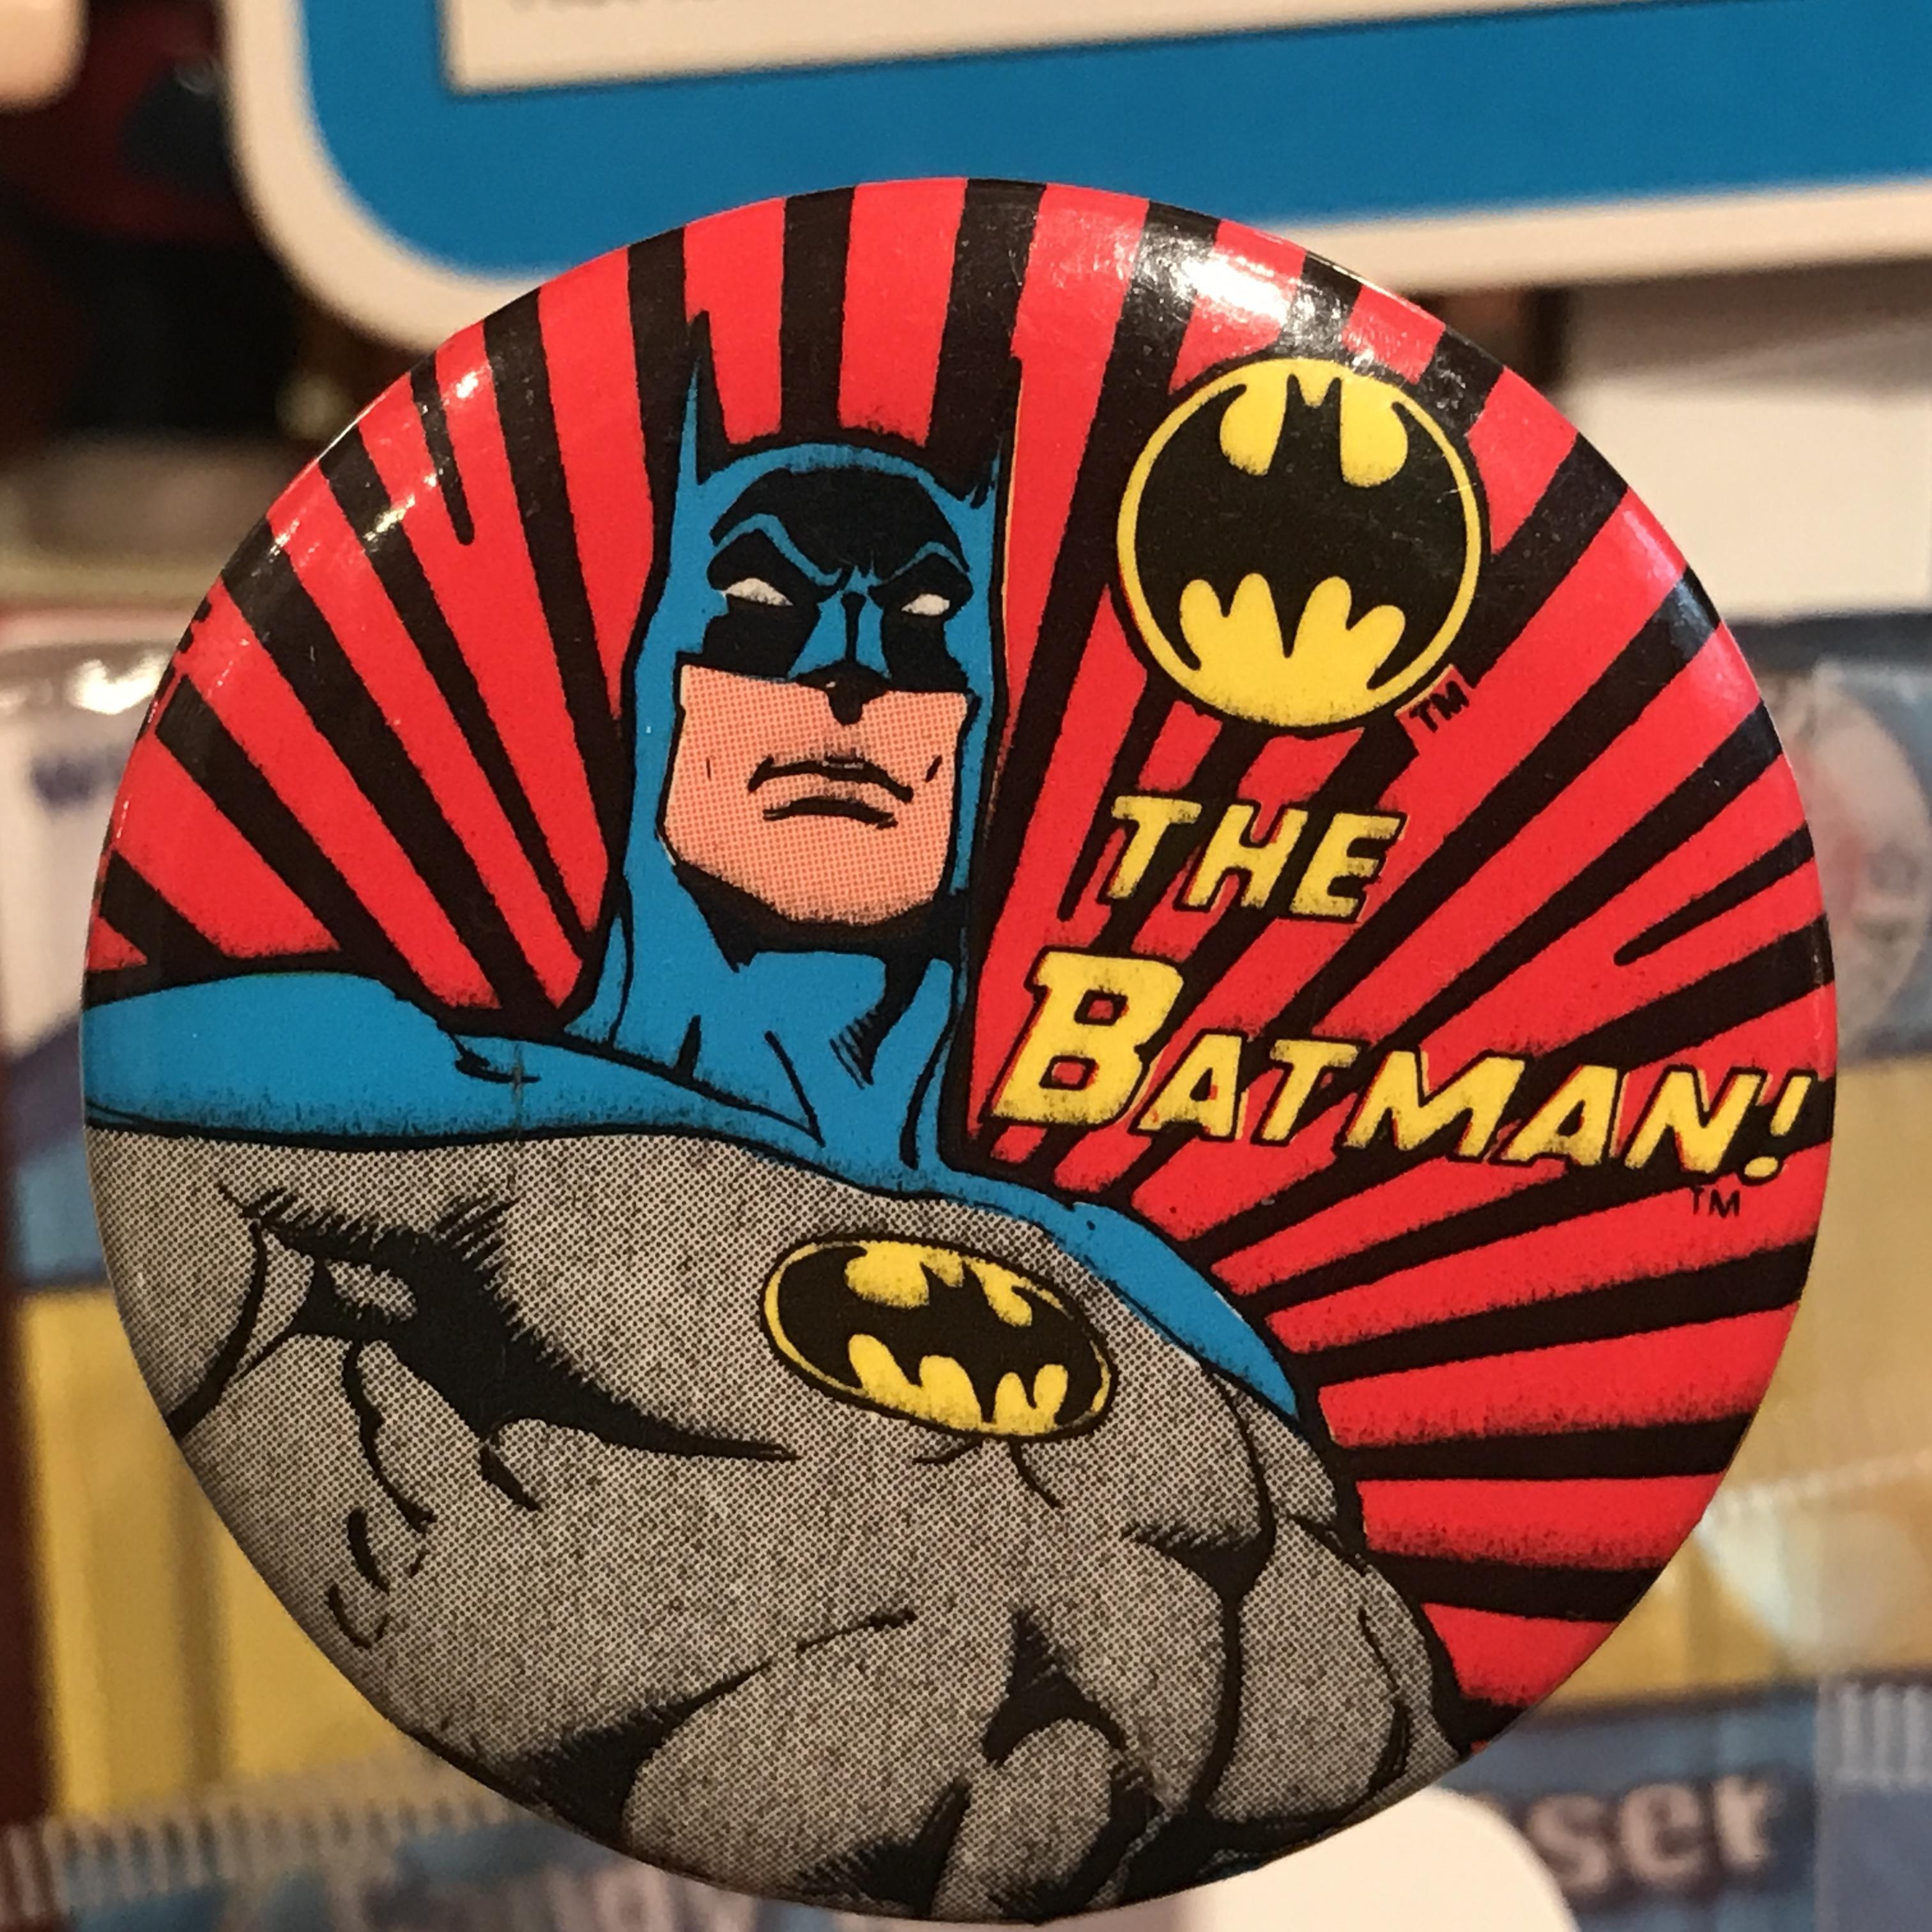 バットマン オールド 缶バッジ ストライプver.